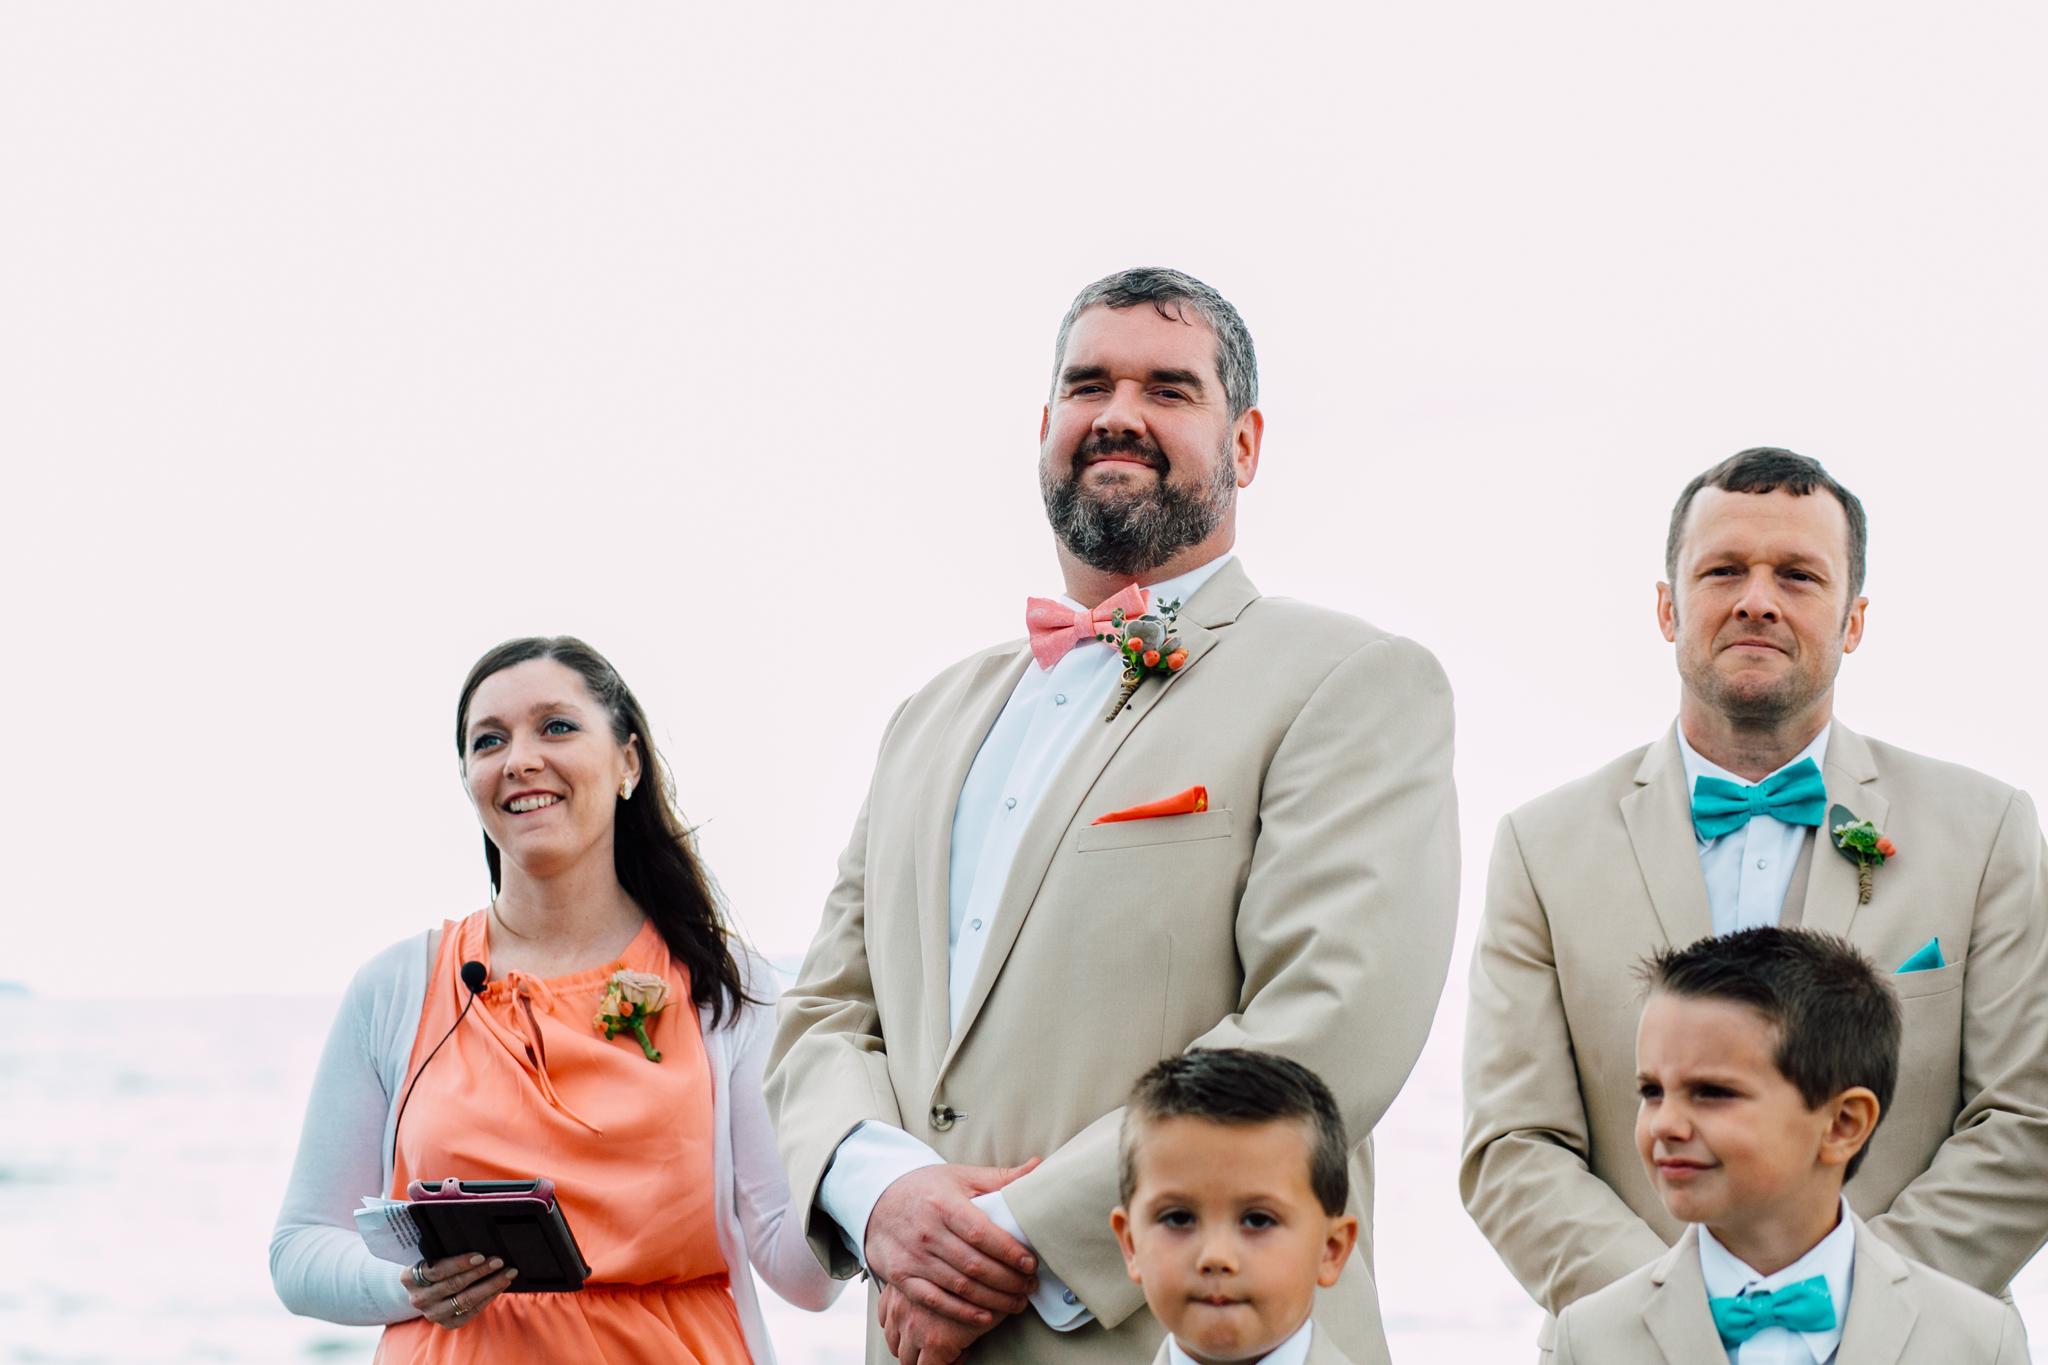 060-bellingham-wedding-photographer-beach-katheryn-moran-elisa-phillip.jpg